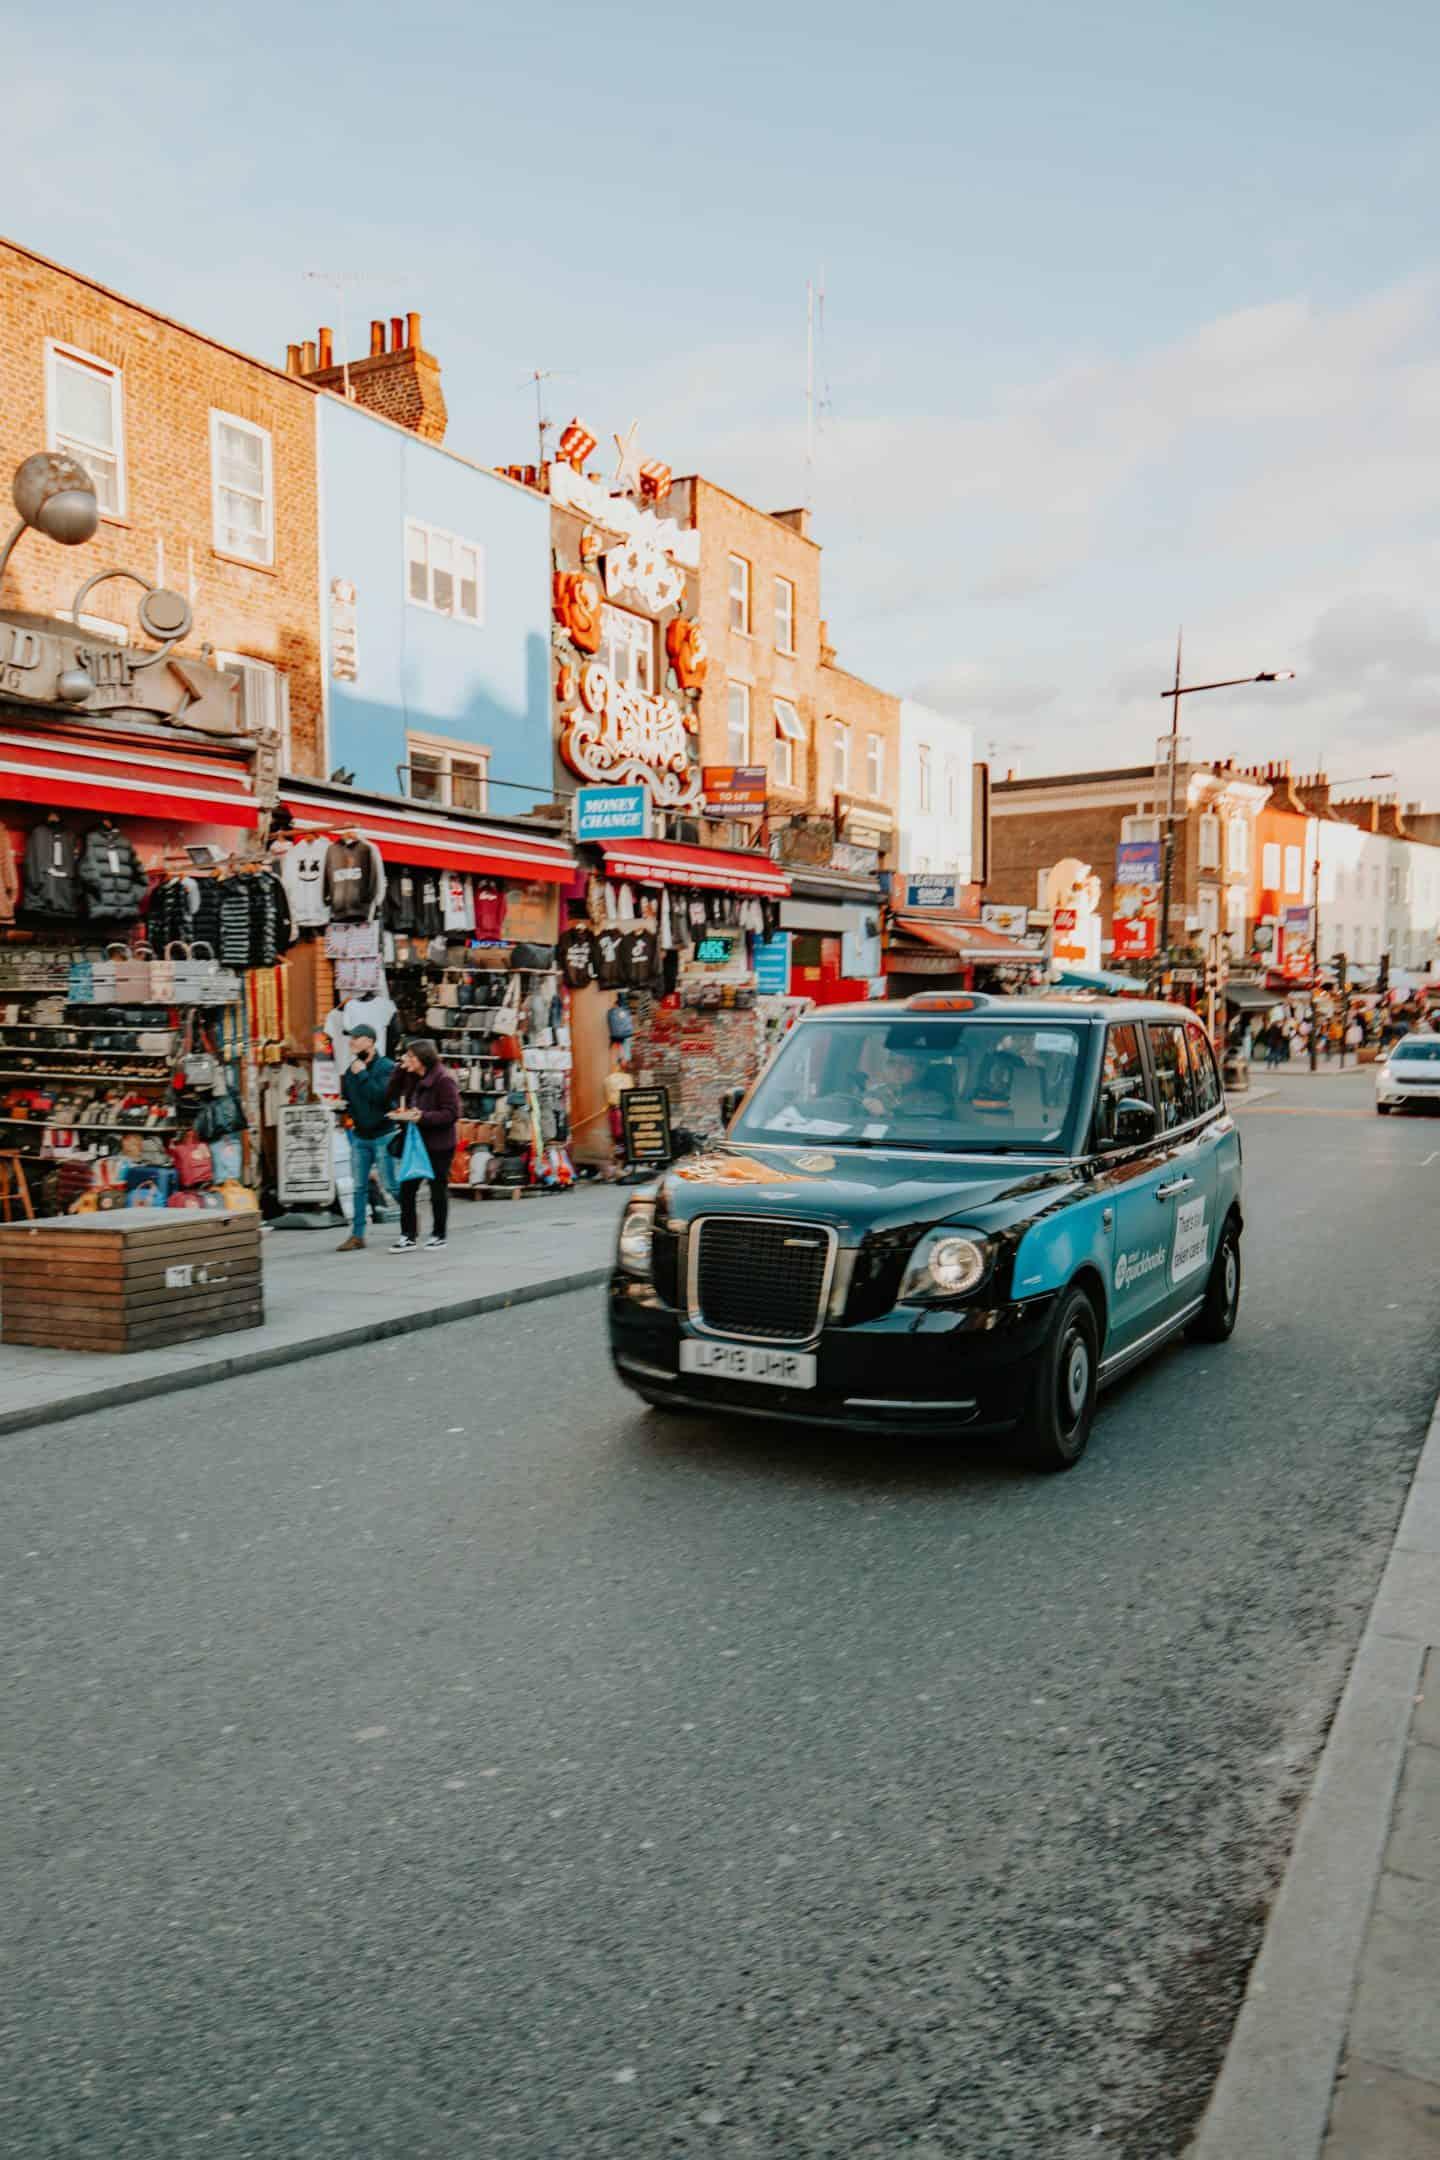 Car in Camden